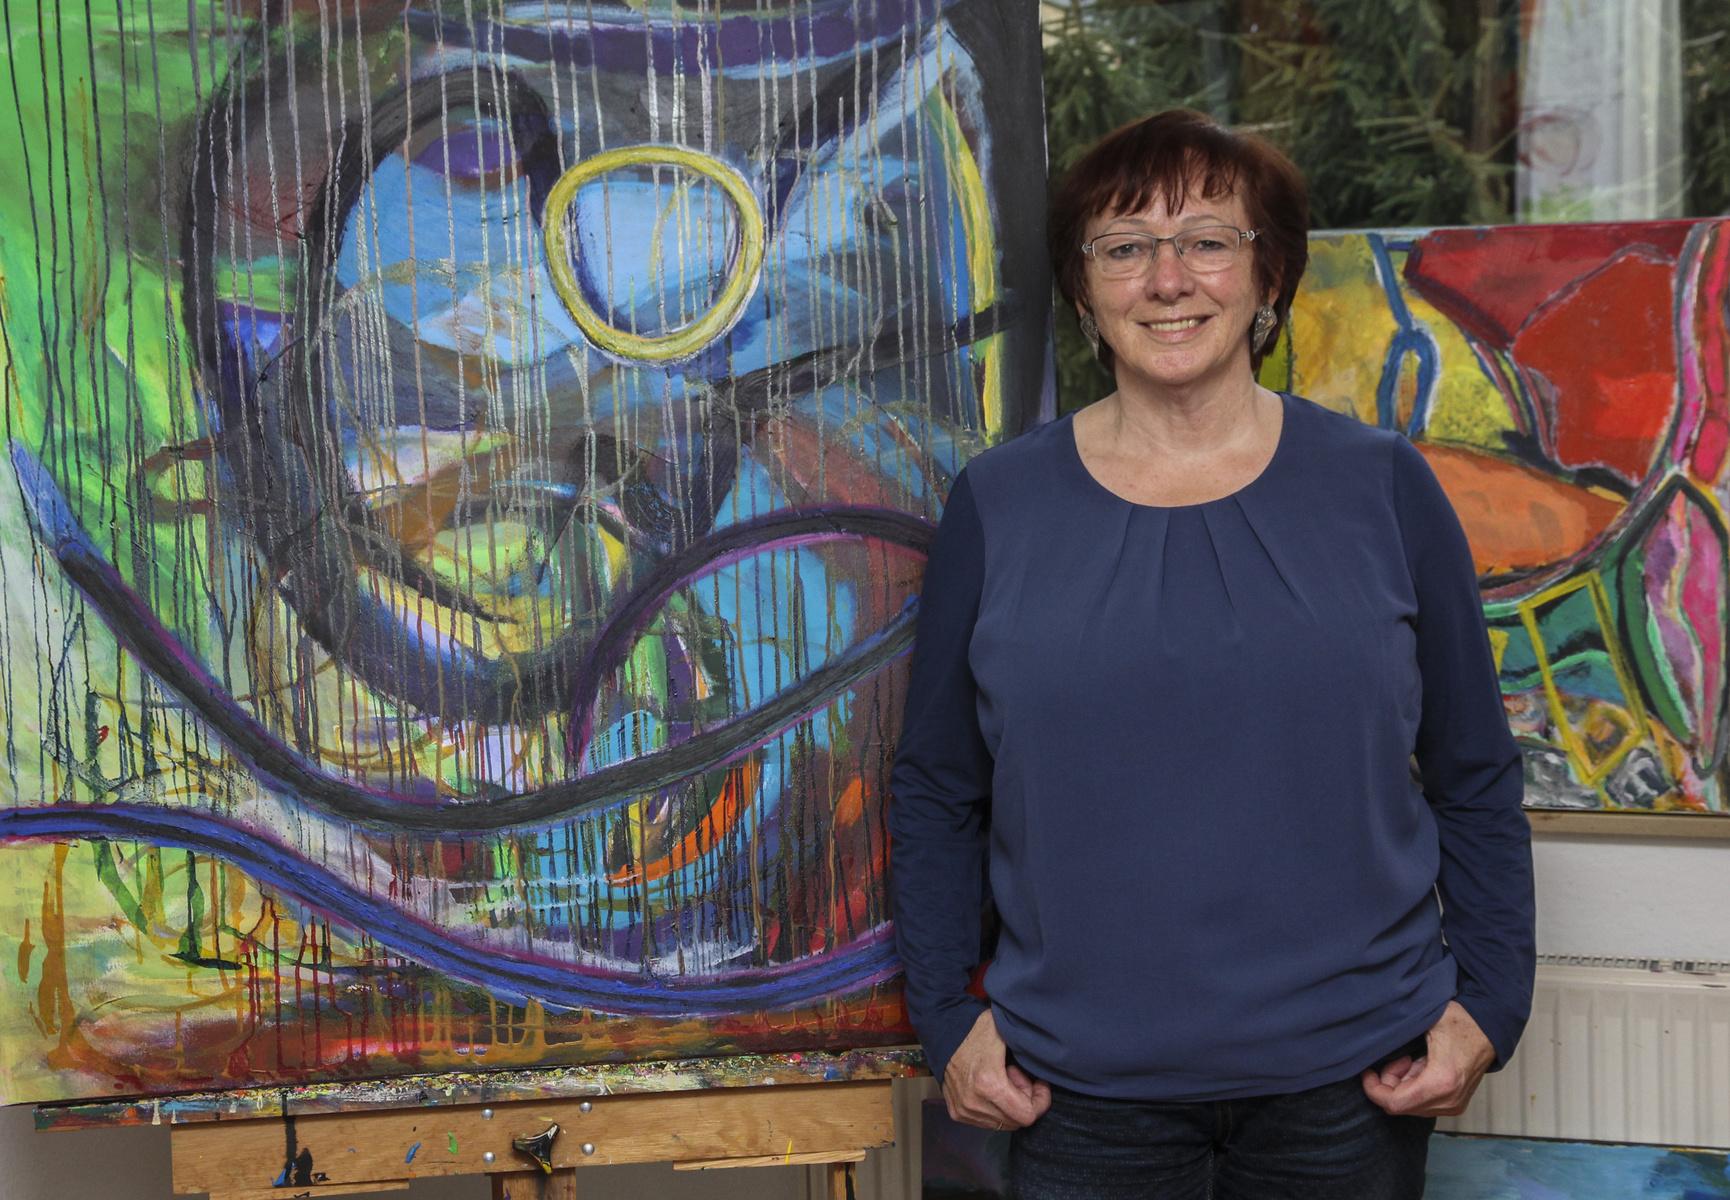 Über die Künstlerin | About the artist